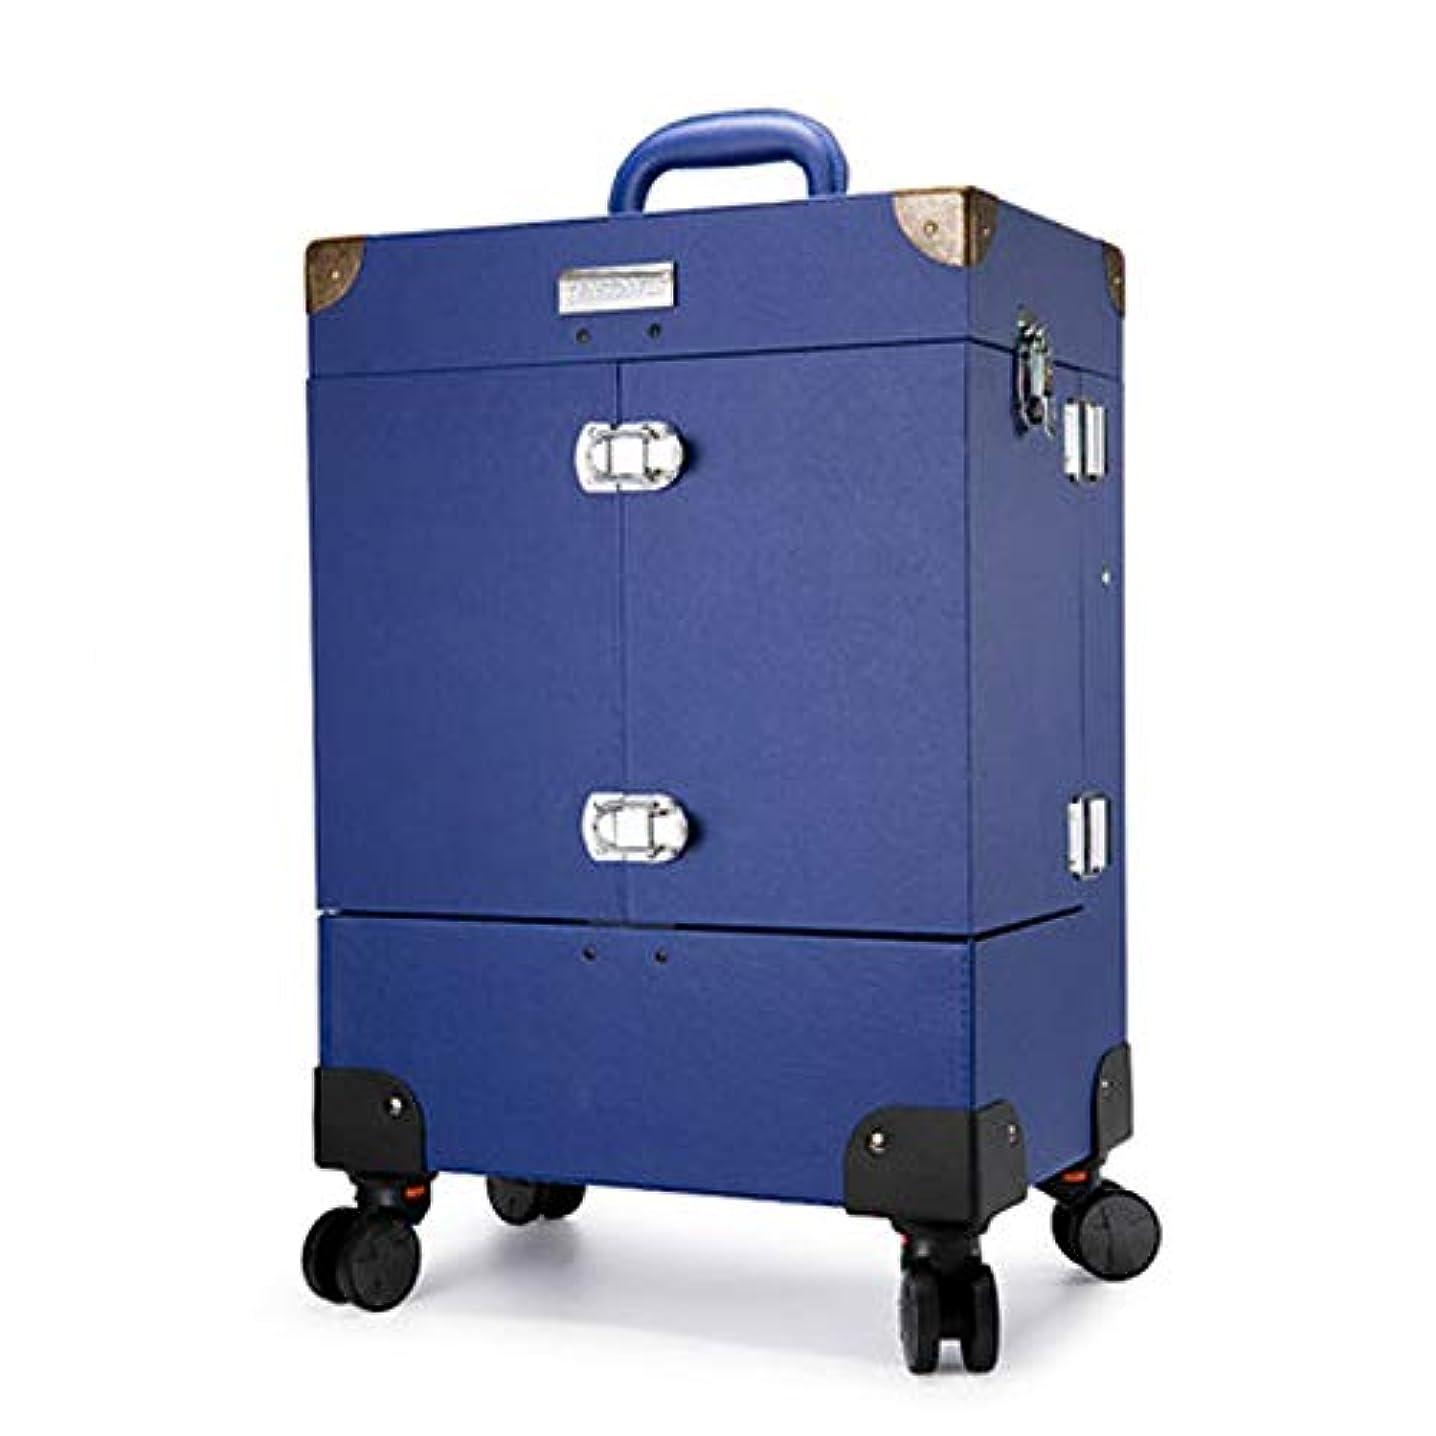 プロ専用 ネイリスト クローゼット スーツケース ネイル収納 メイクボックス キャリーバッグ ヘアメイク ネイル 大容量 軽量 高品質 多機能 プロ I-JL-3505T-BL